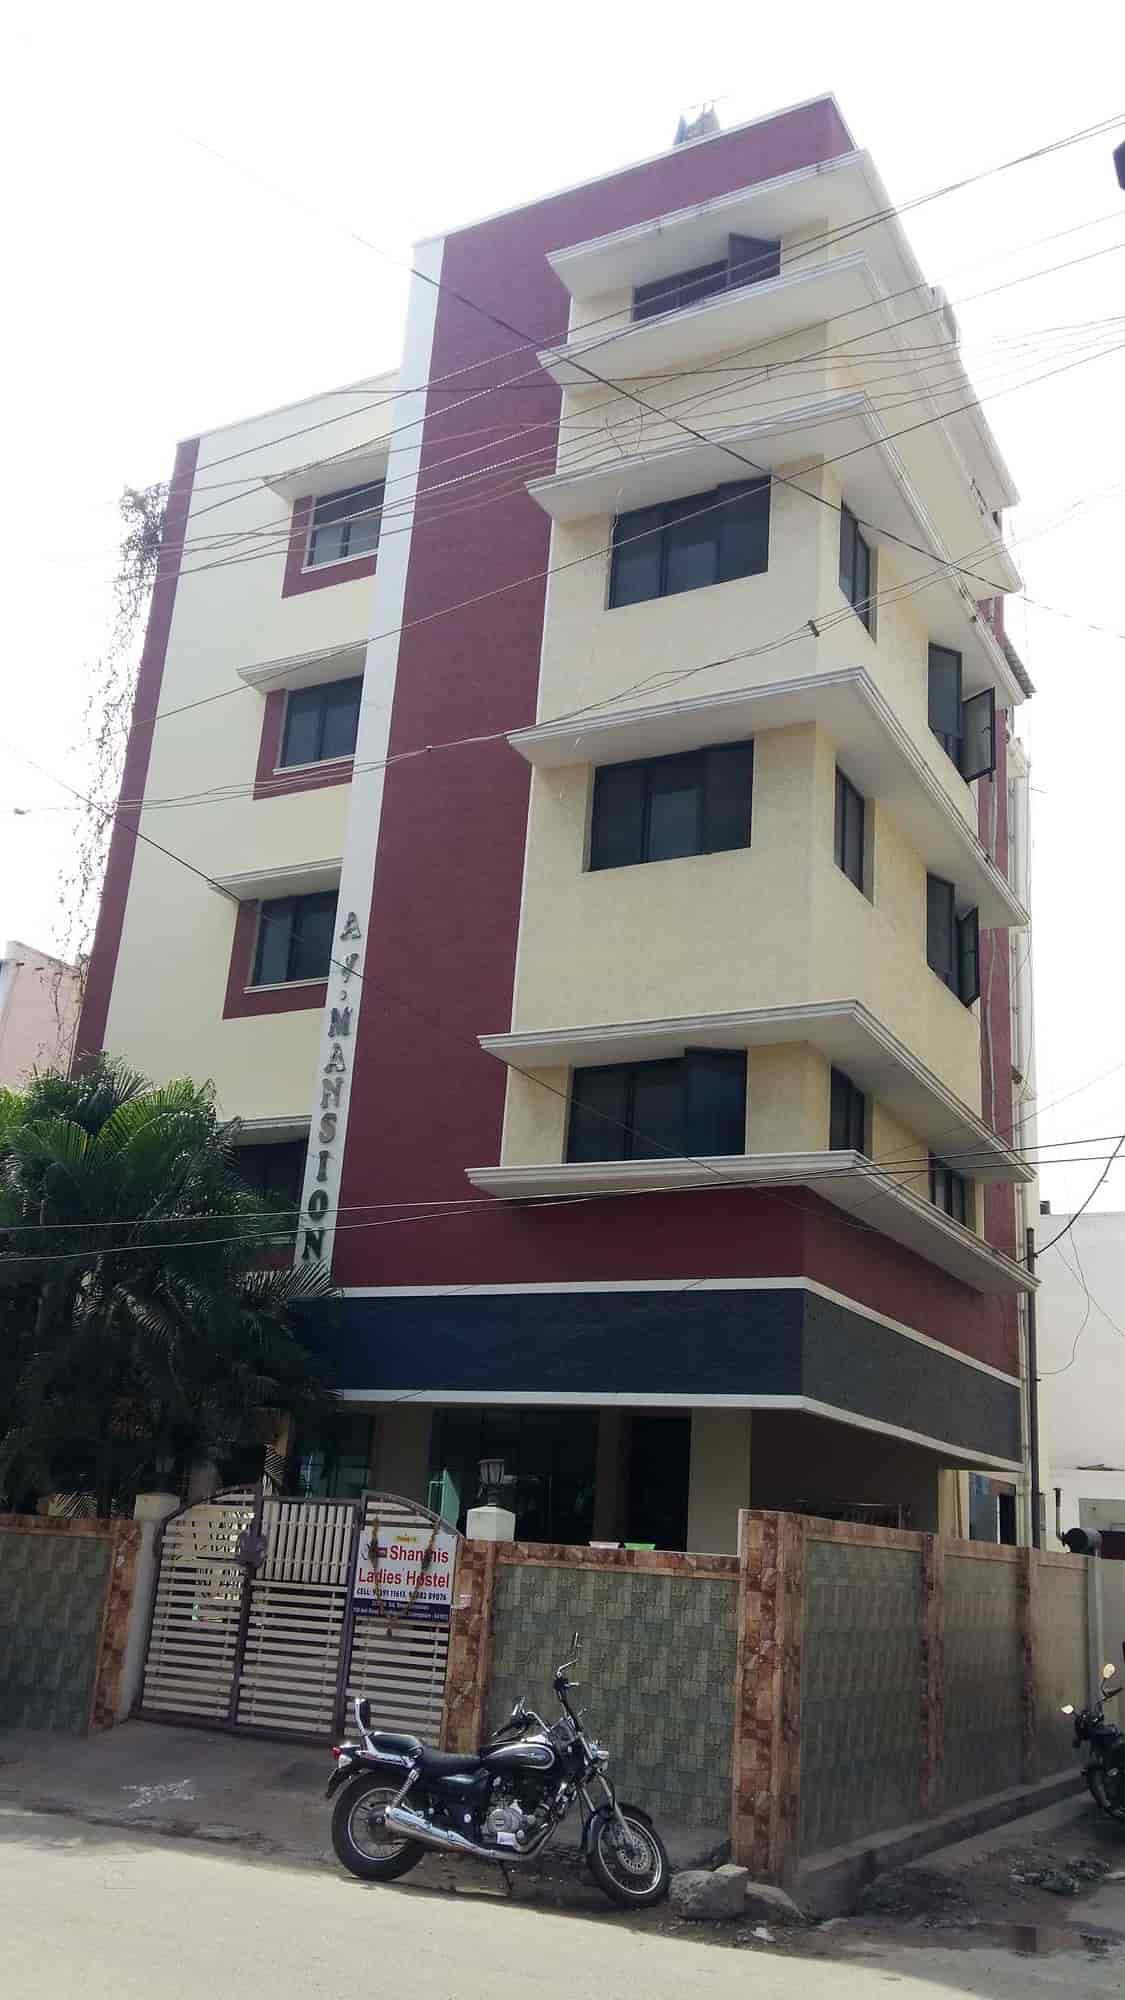 Shanthis Ladies Hostel, Gandhipuram - Hostels in Coimbatore